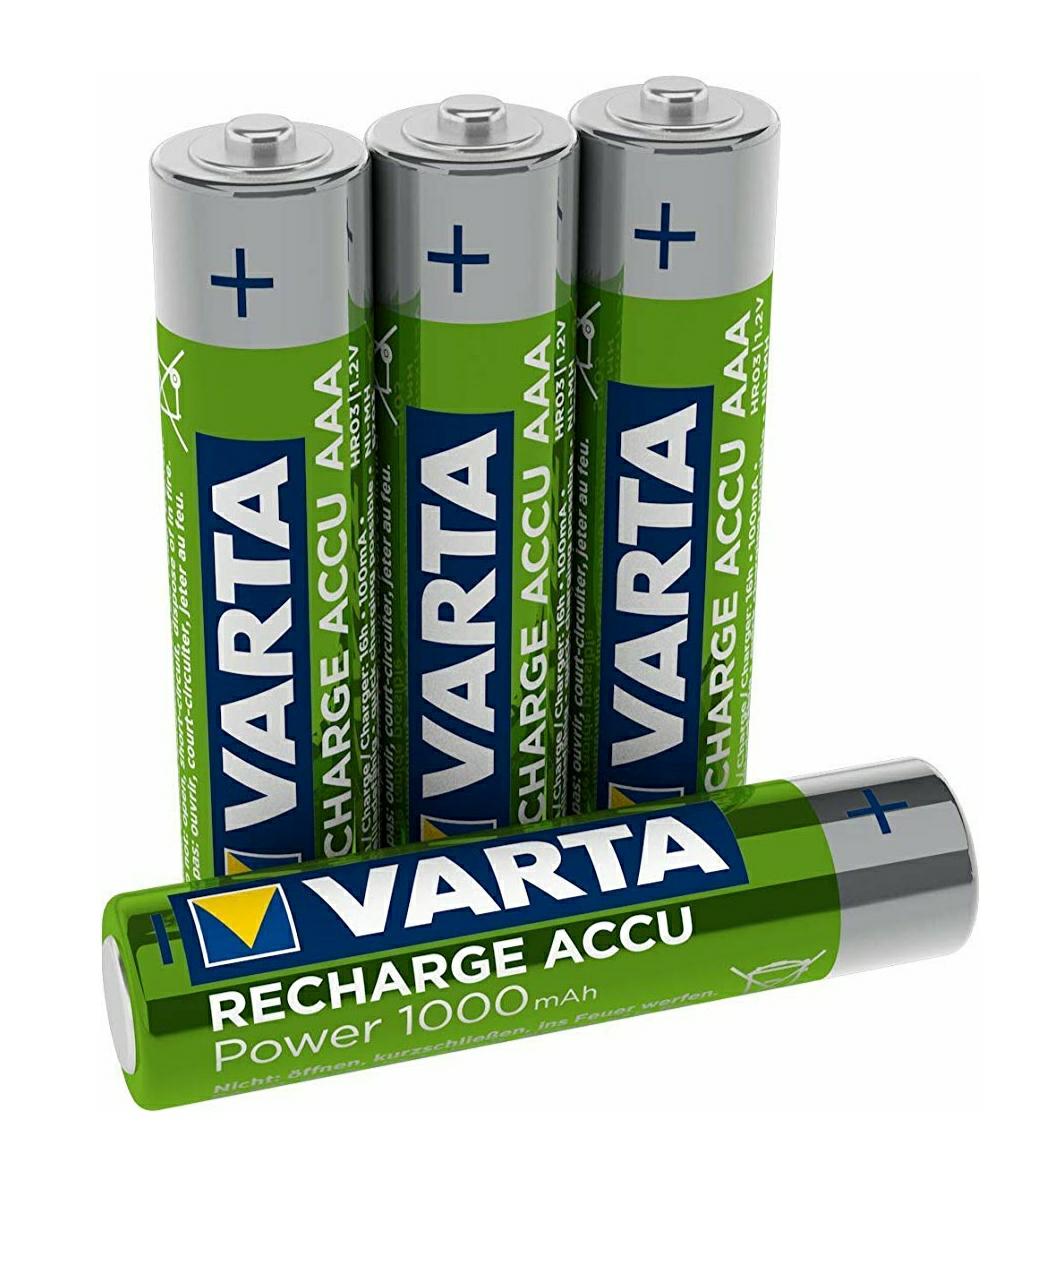 Pilas recargables Varta AAA 1000 mAh